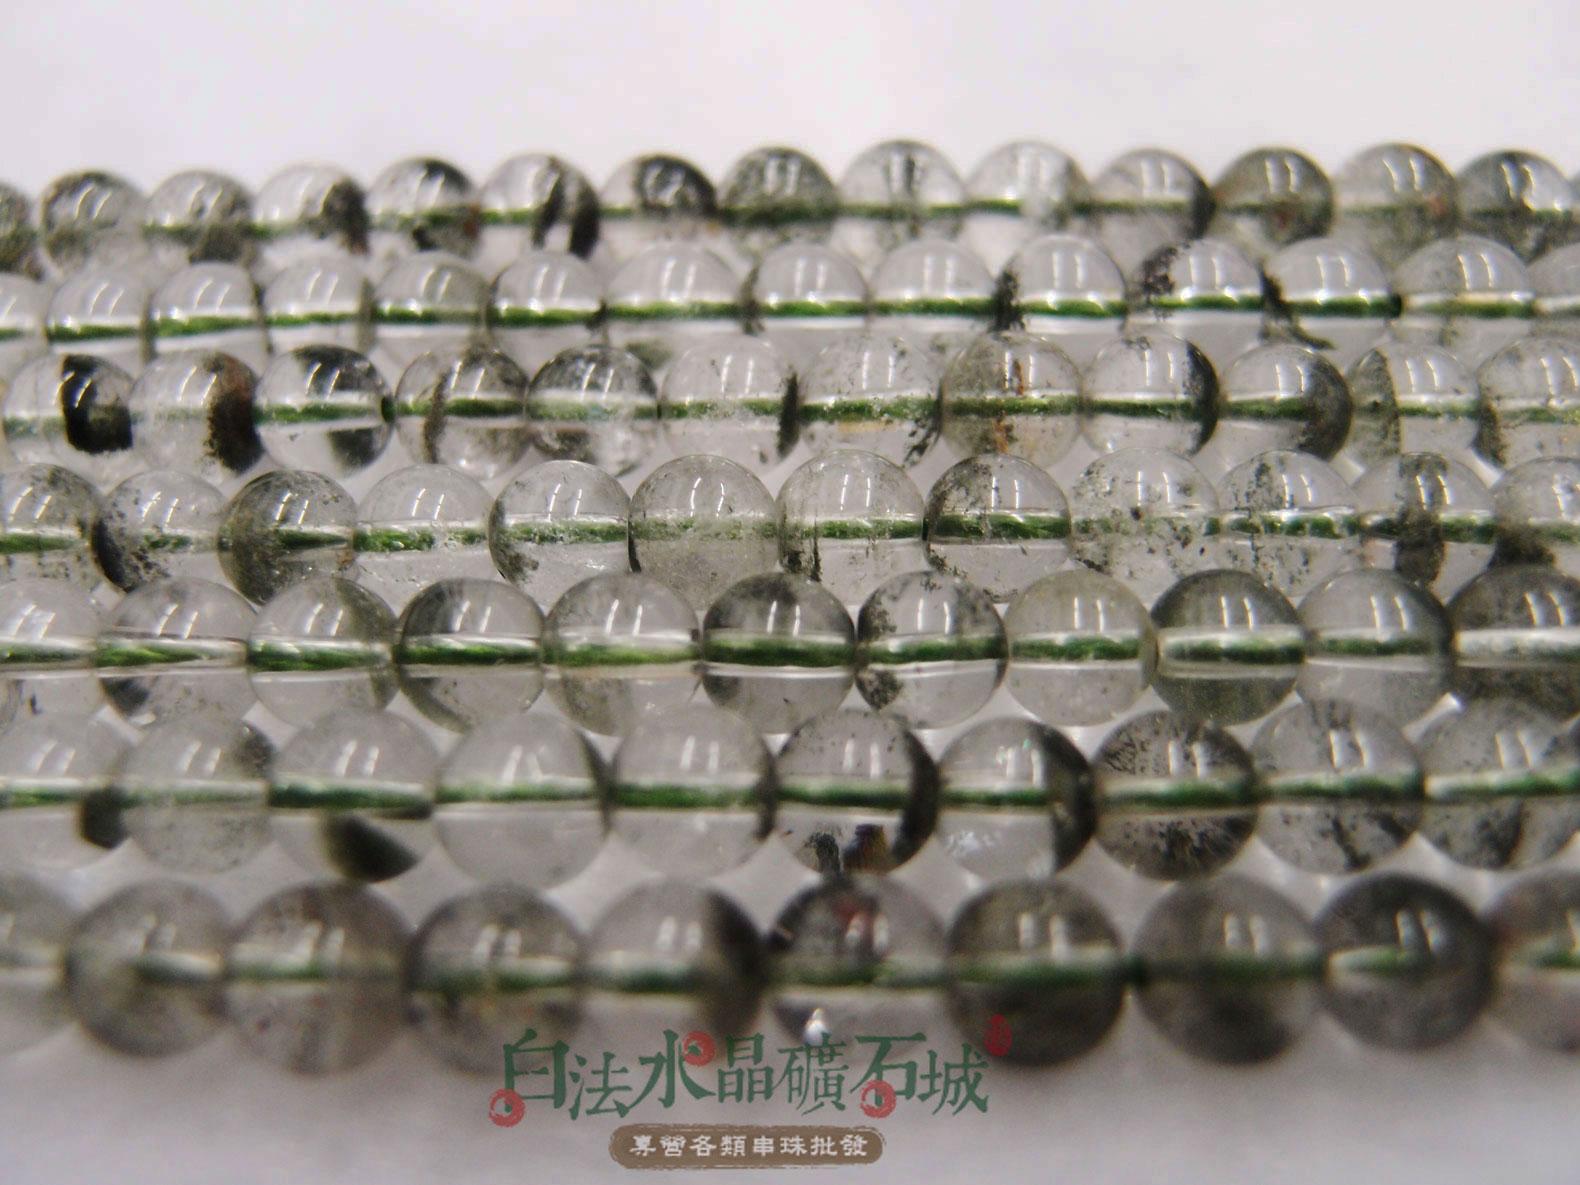 白法水晶礦石城 巴西 天然-綠幽靈 6mm 礦質 串珠/條珠 招正財 事業財 首飾材料